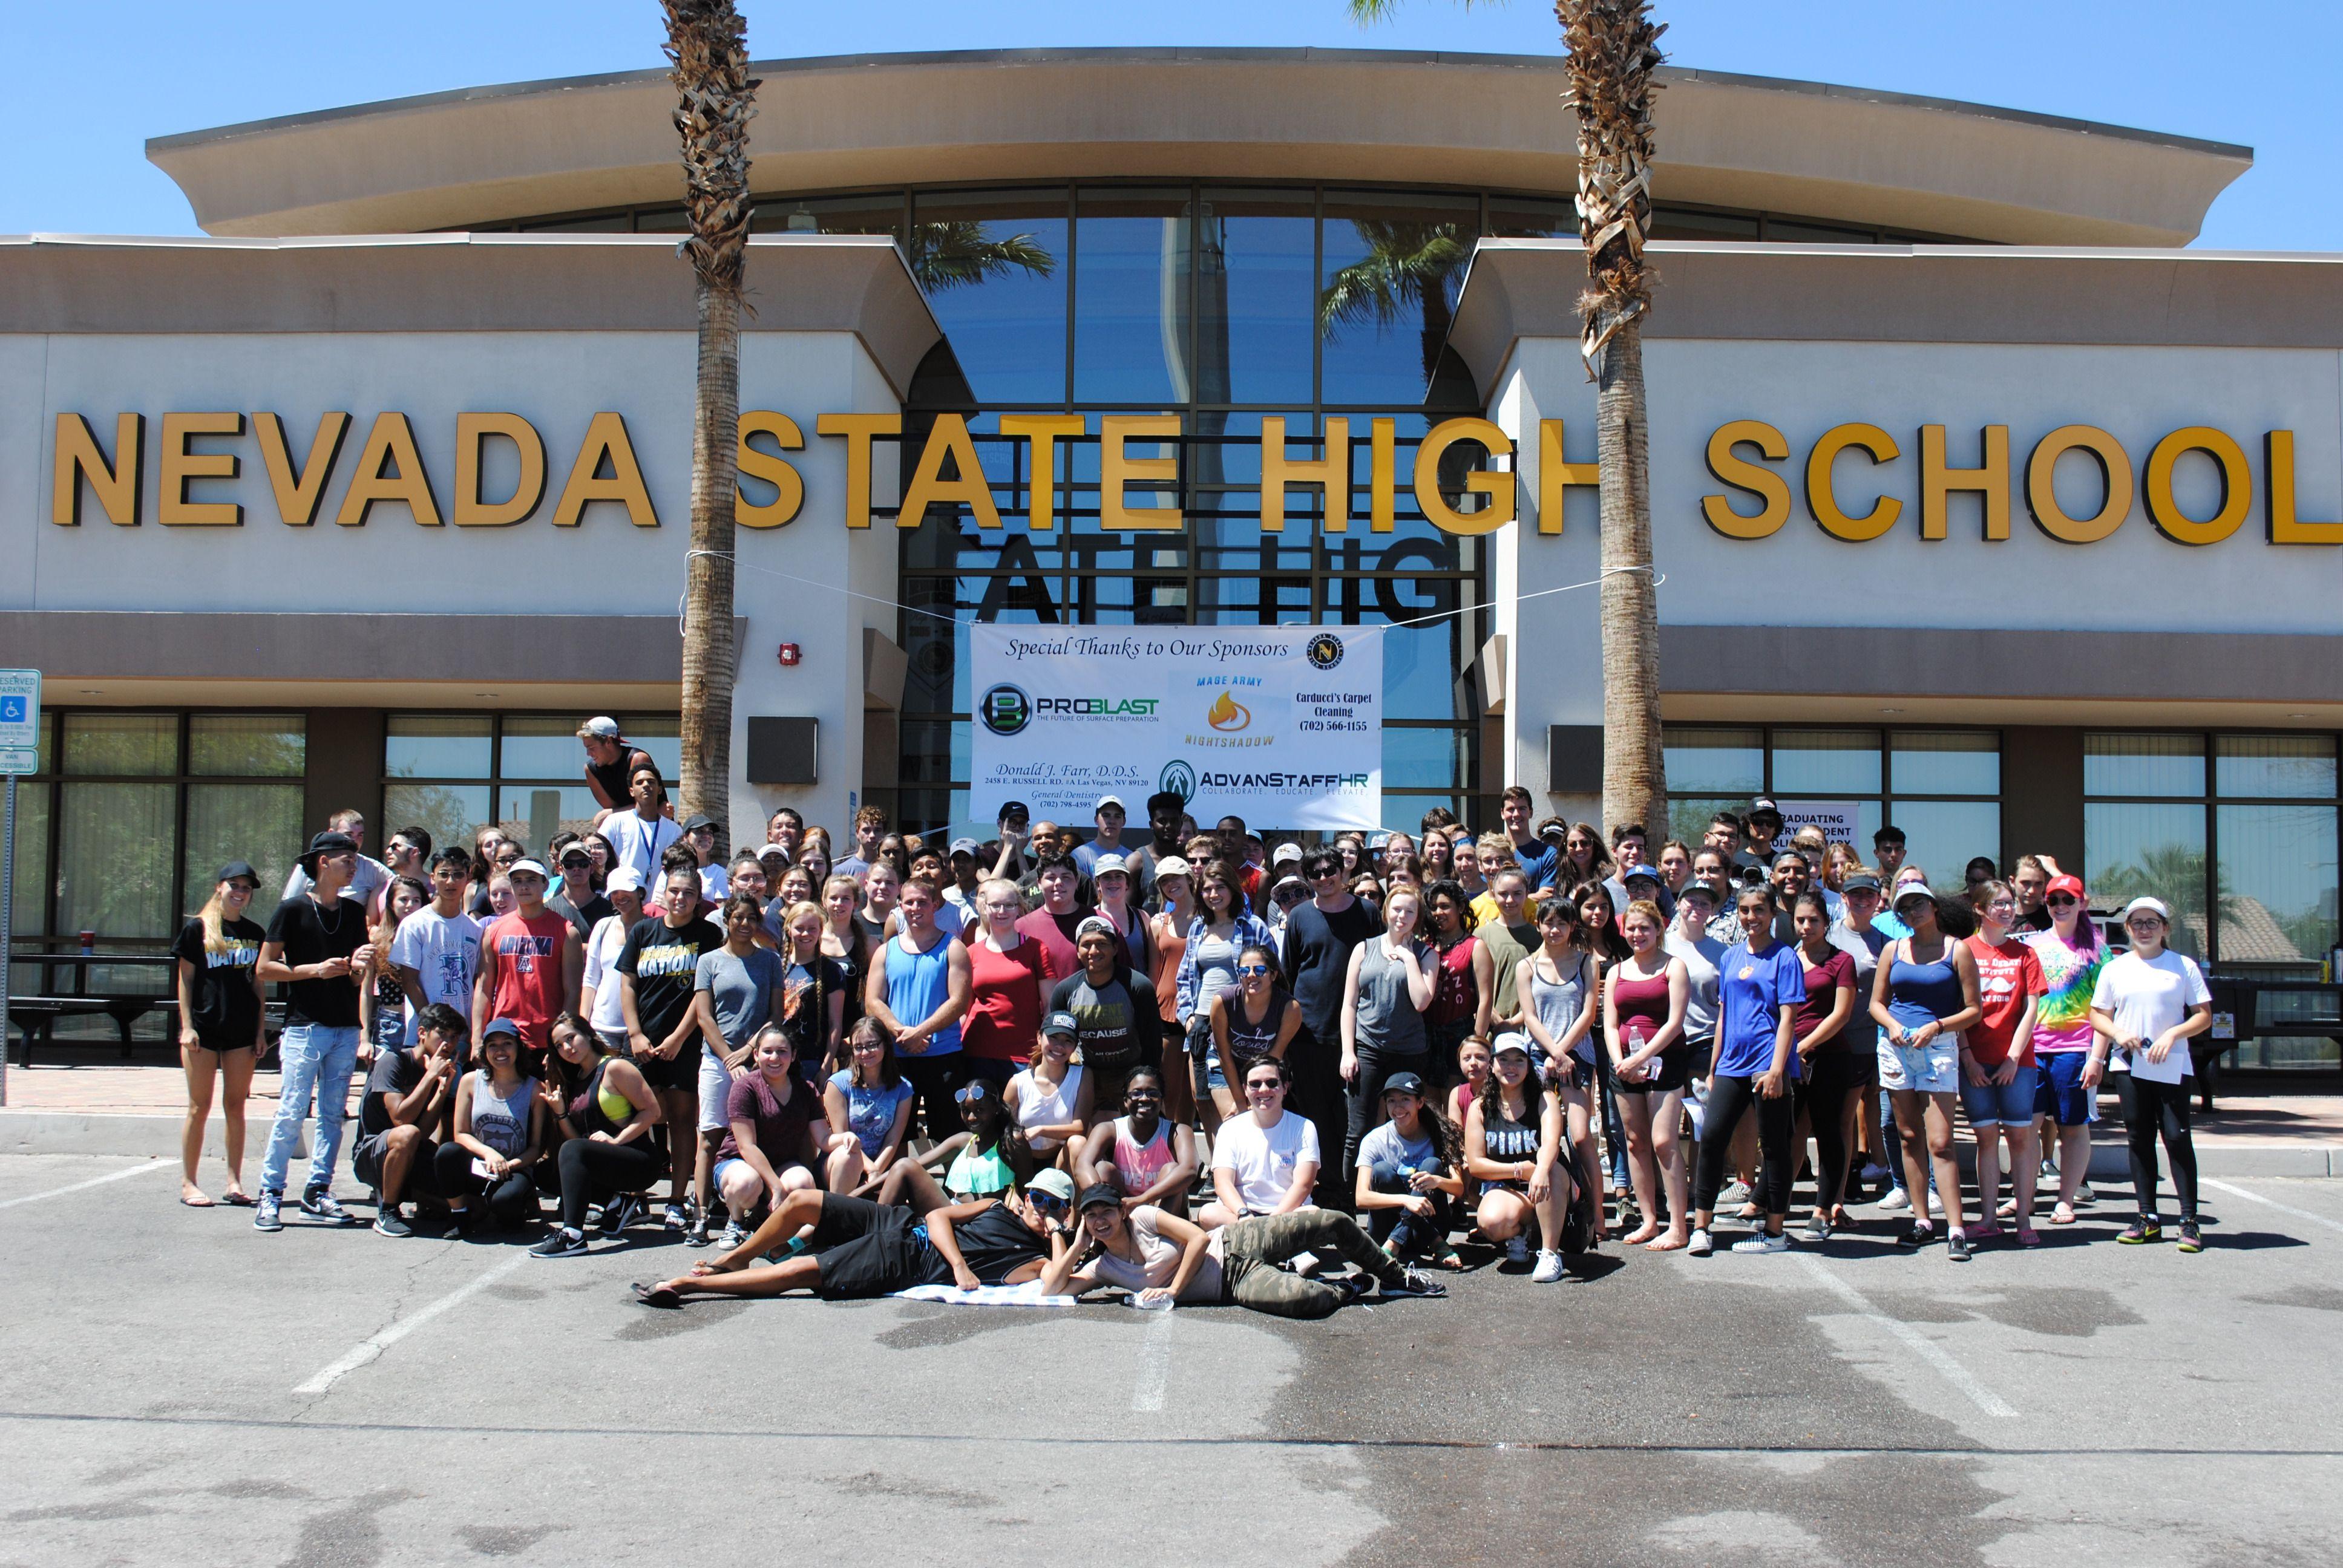 Nevada State High School Car Wash 2017 High school